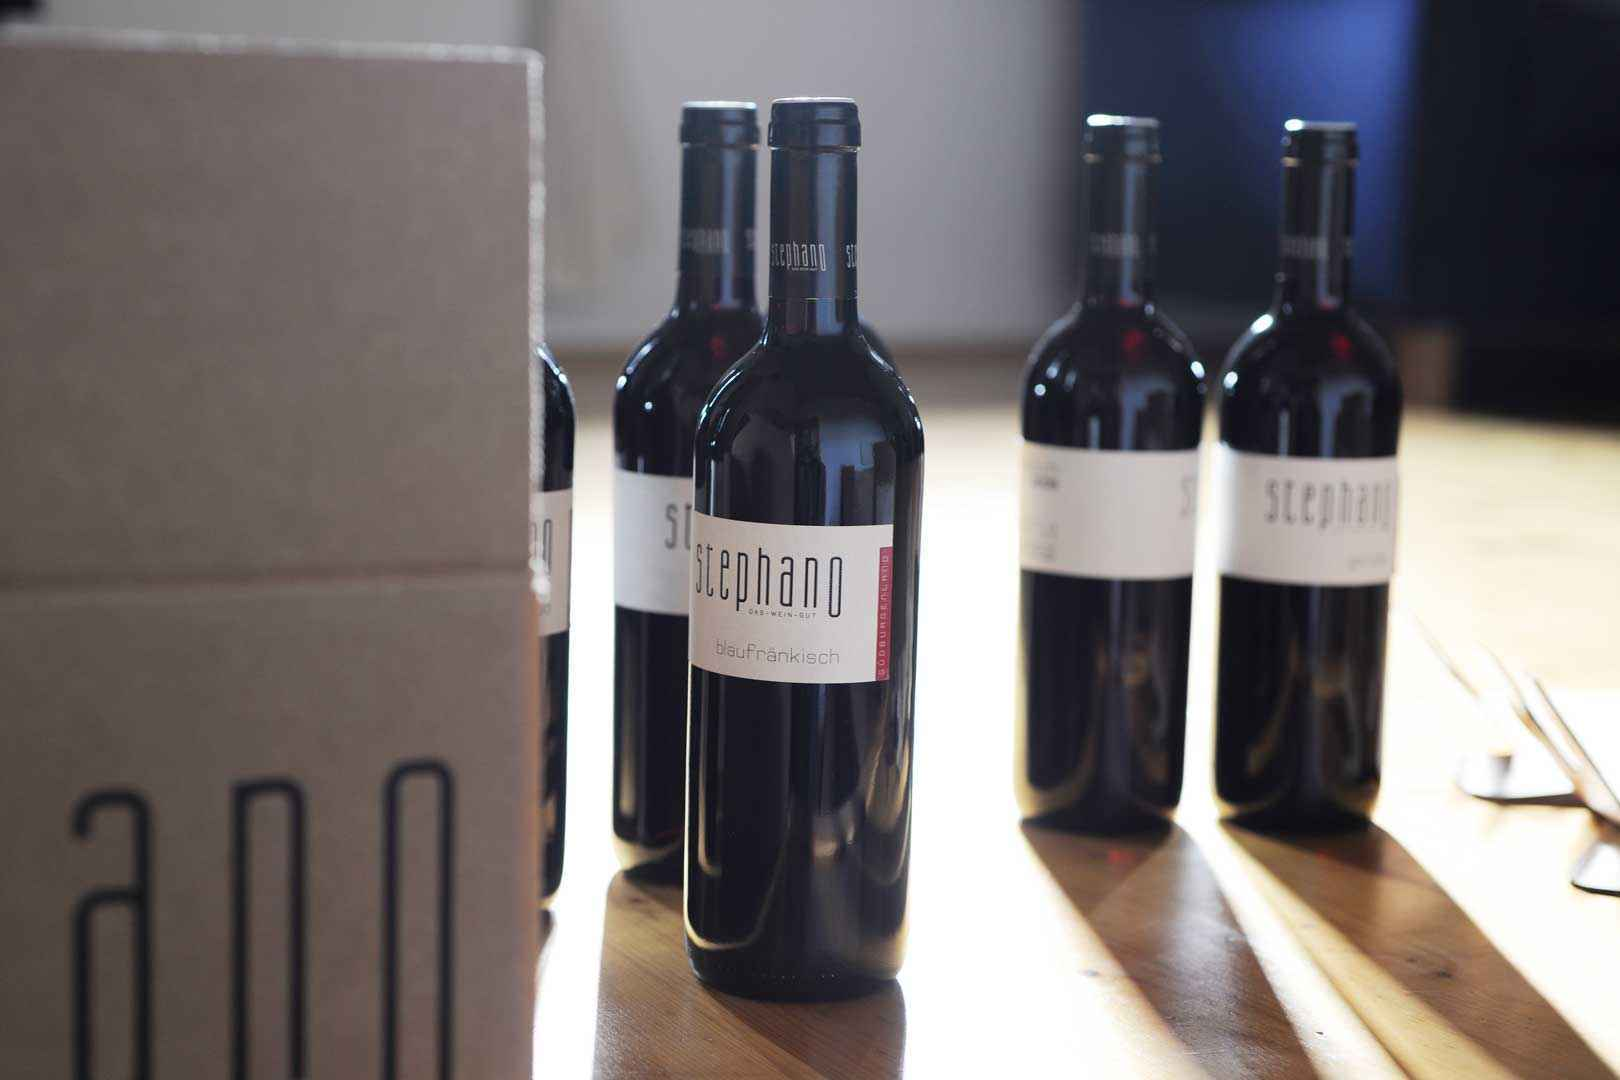 Weinkritik: Weingut StephanO, GONZALO Blaufränkisch -Reserve 2012, Südburgenland, Österreich